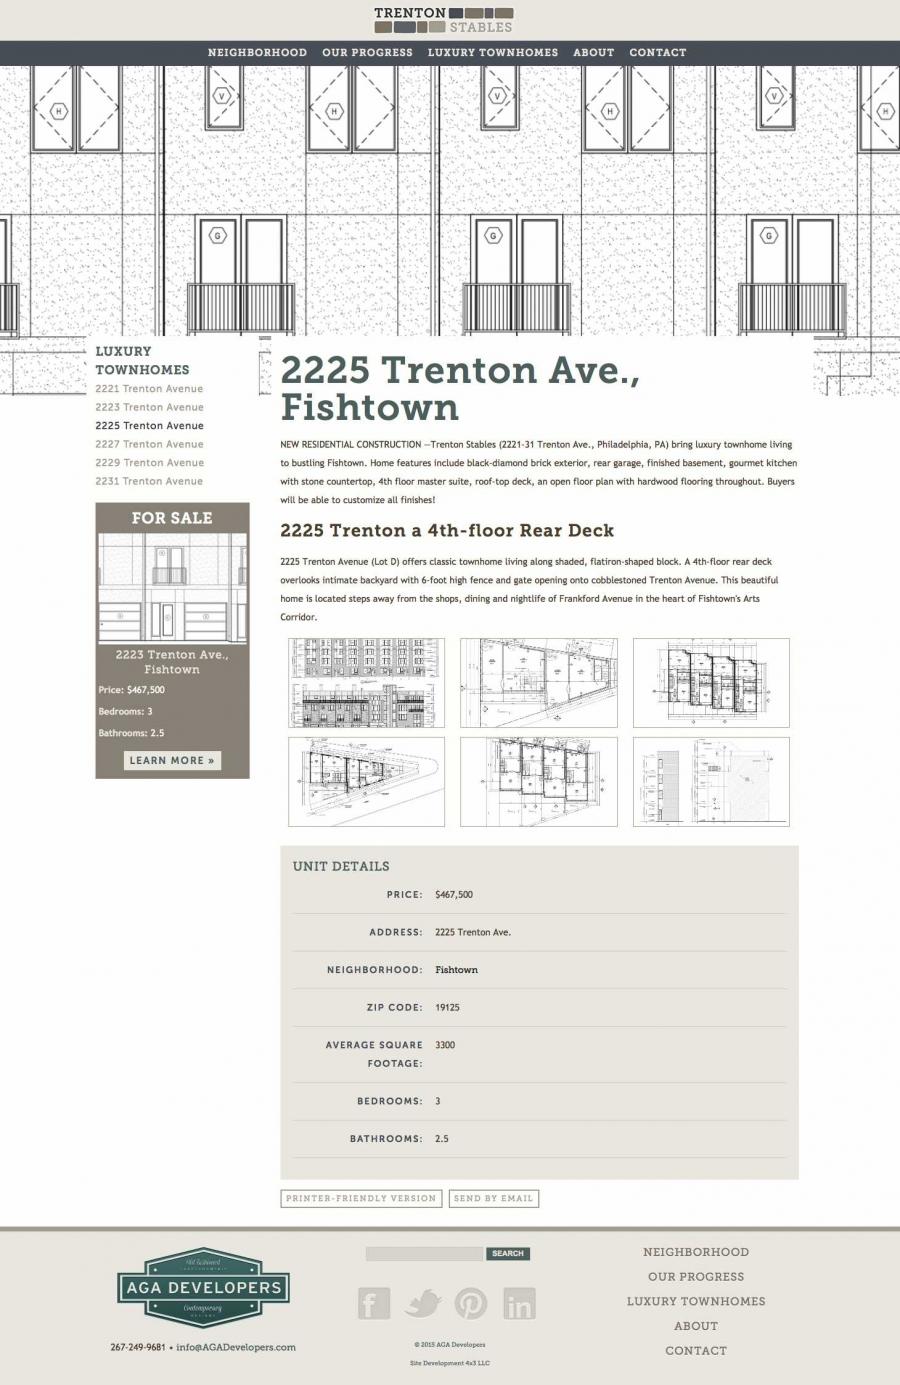 Trenton Stables Descriptive Internal Pages